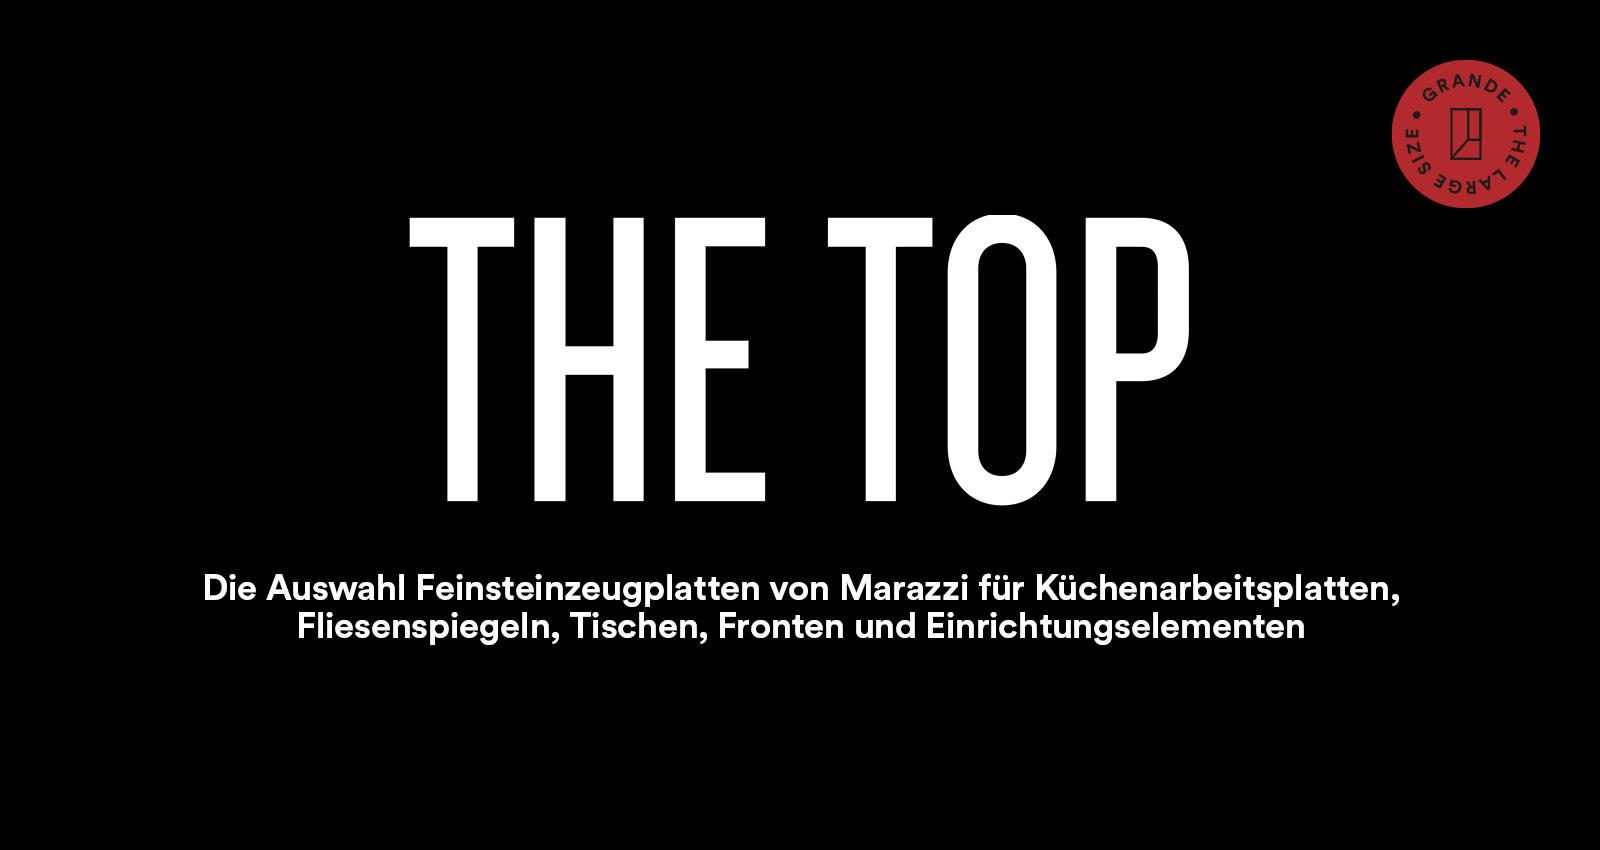 Fliesen und Bodenbeläge Marazzi - Keramik und Feinsteinzeug ...